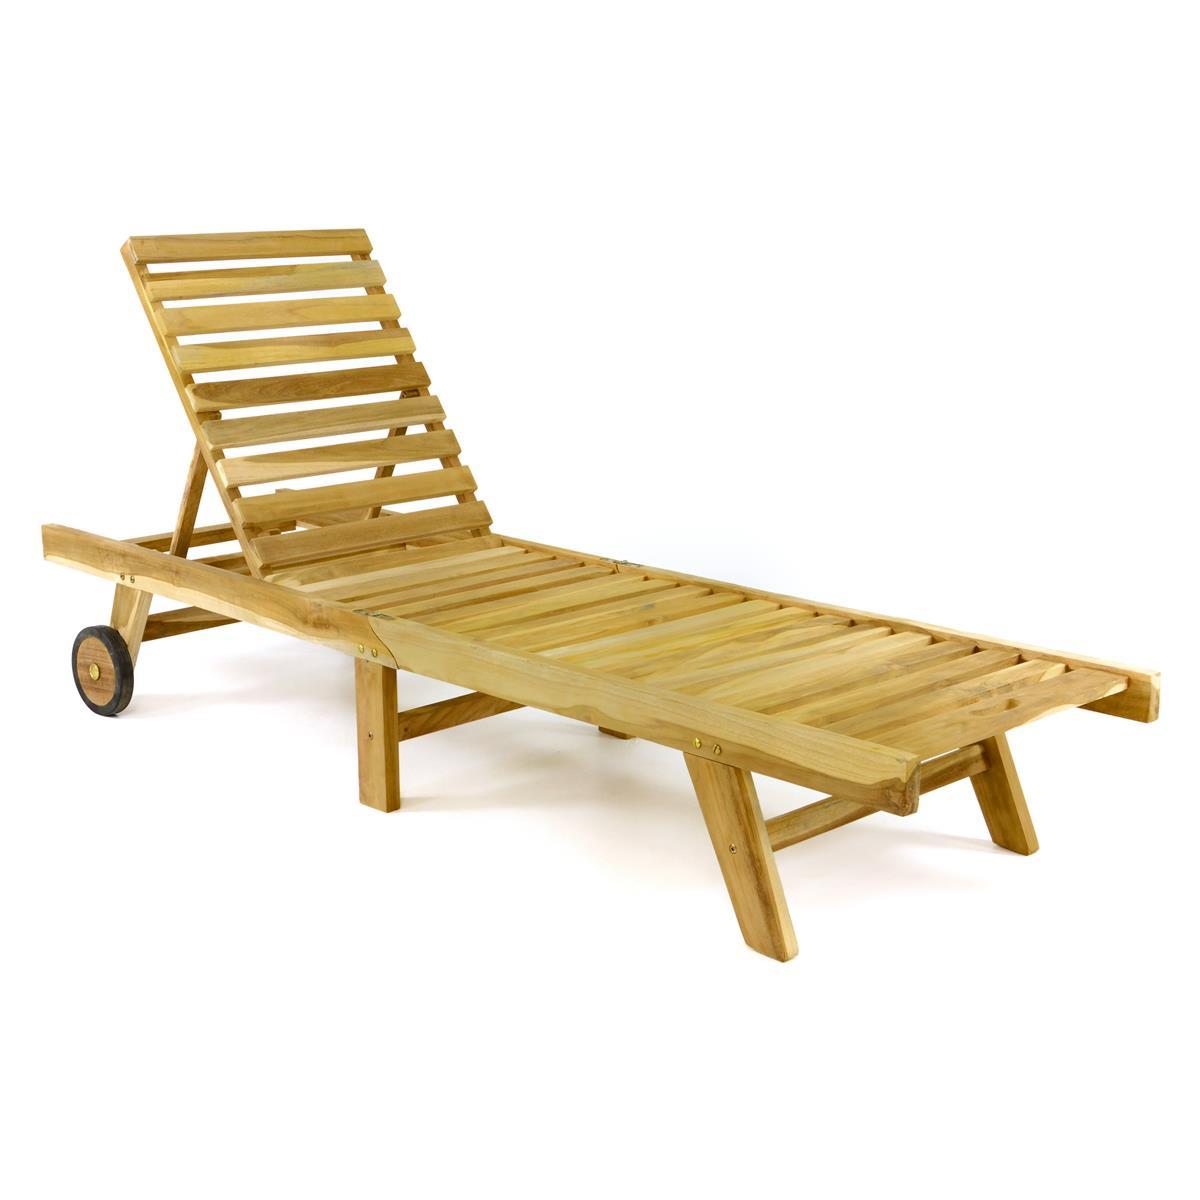 Sonnenliege Klappbar Holz.Divero Sonnenliege Gartenliege Liegestuhl Teak Holz Klappbar